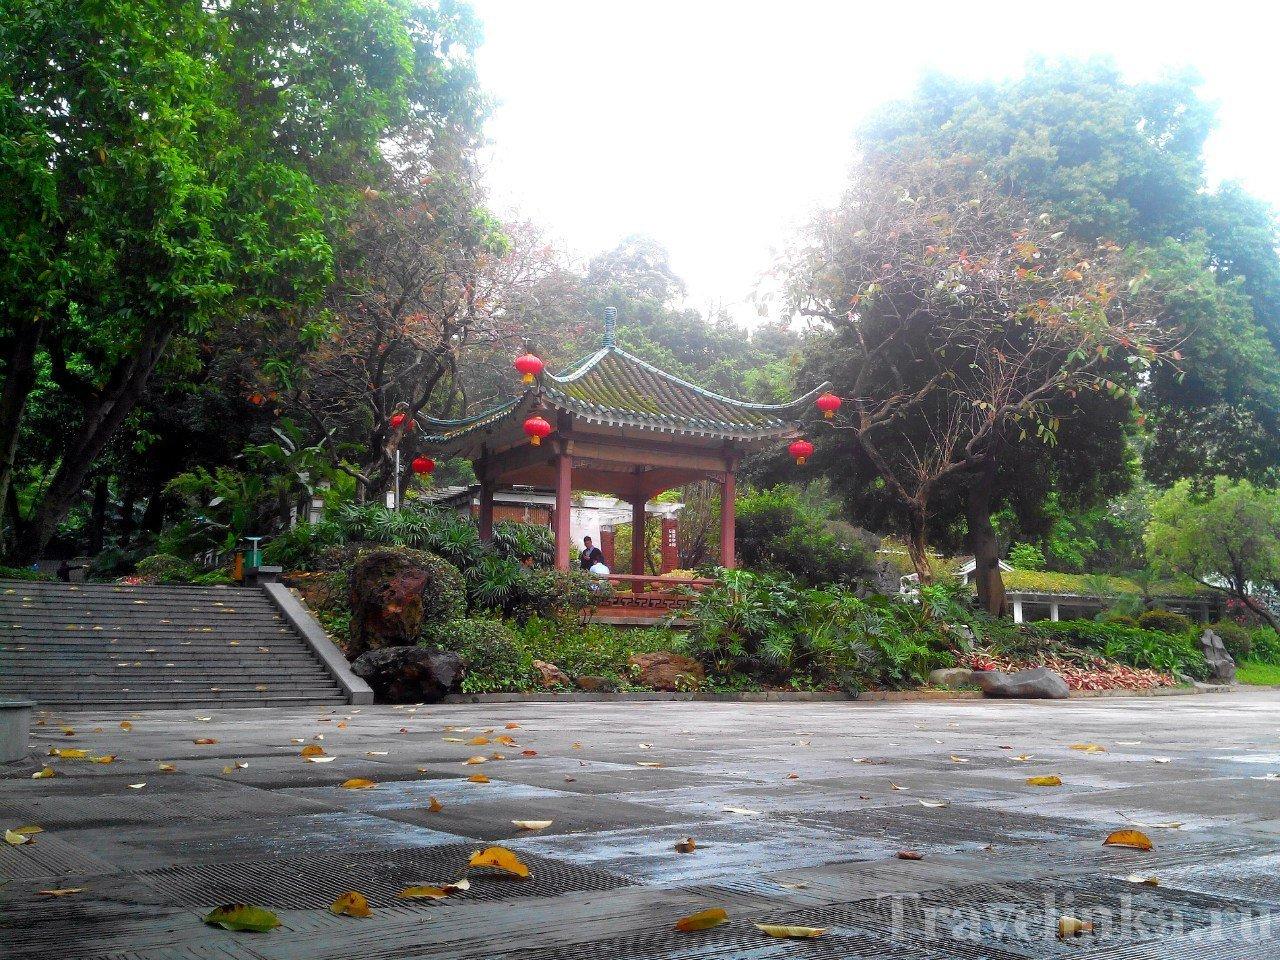 Статуя 5 козловв Гуанчжоу Китай